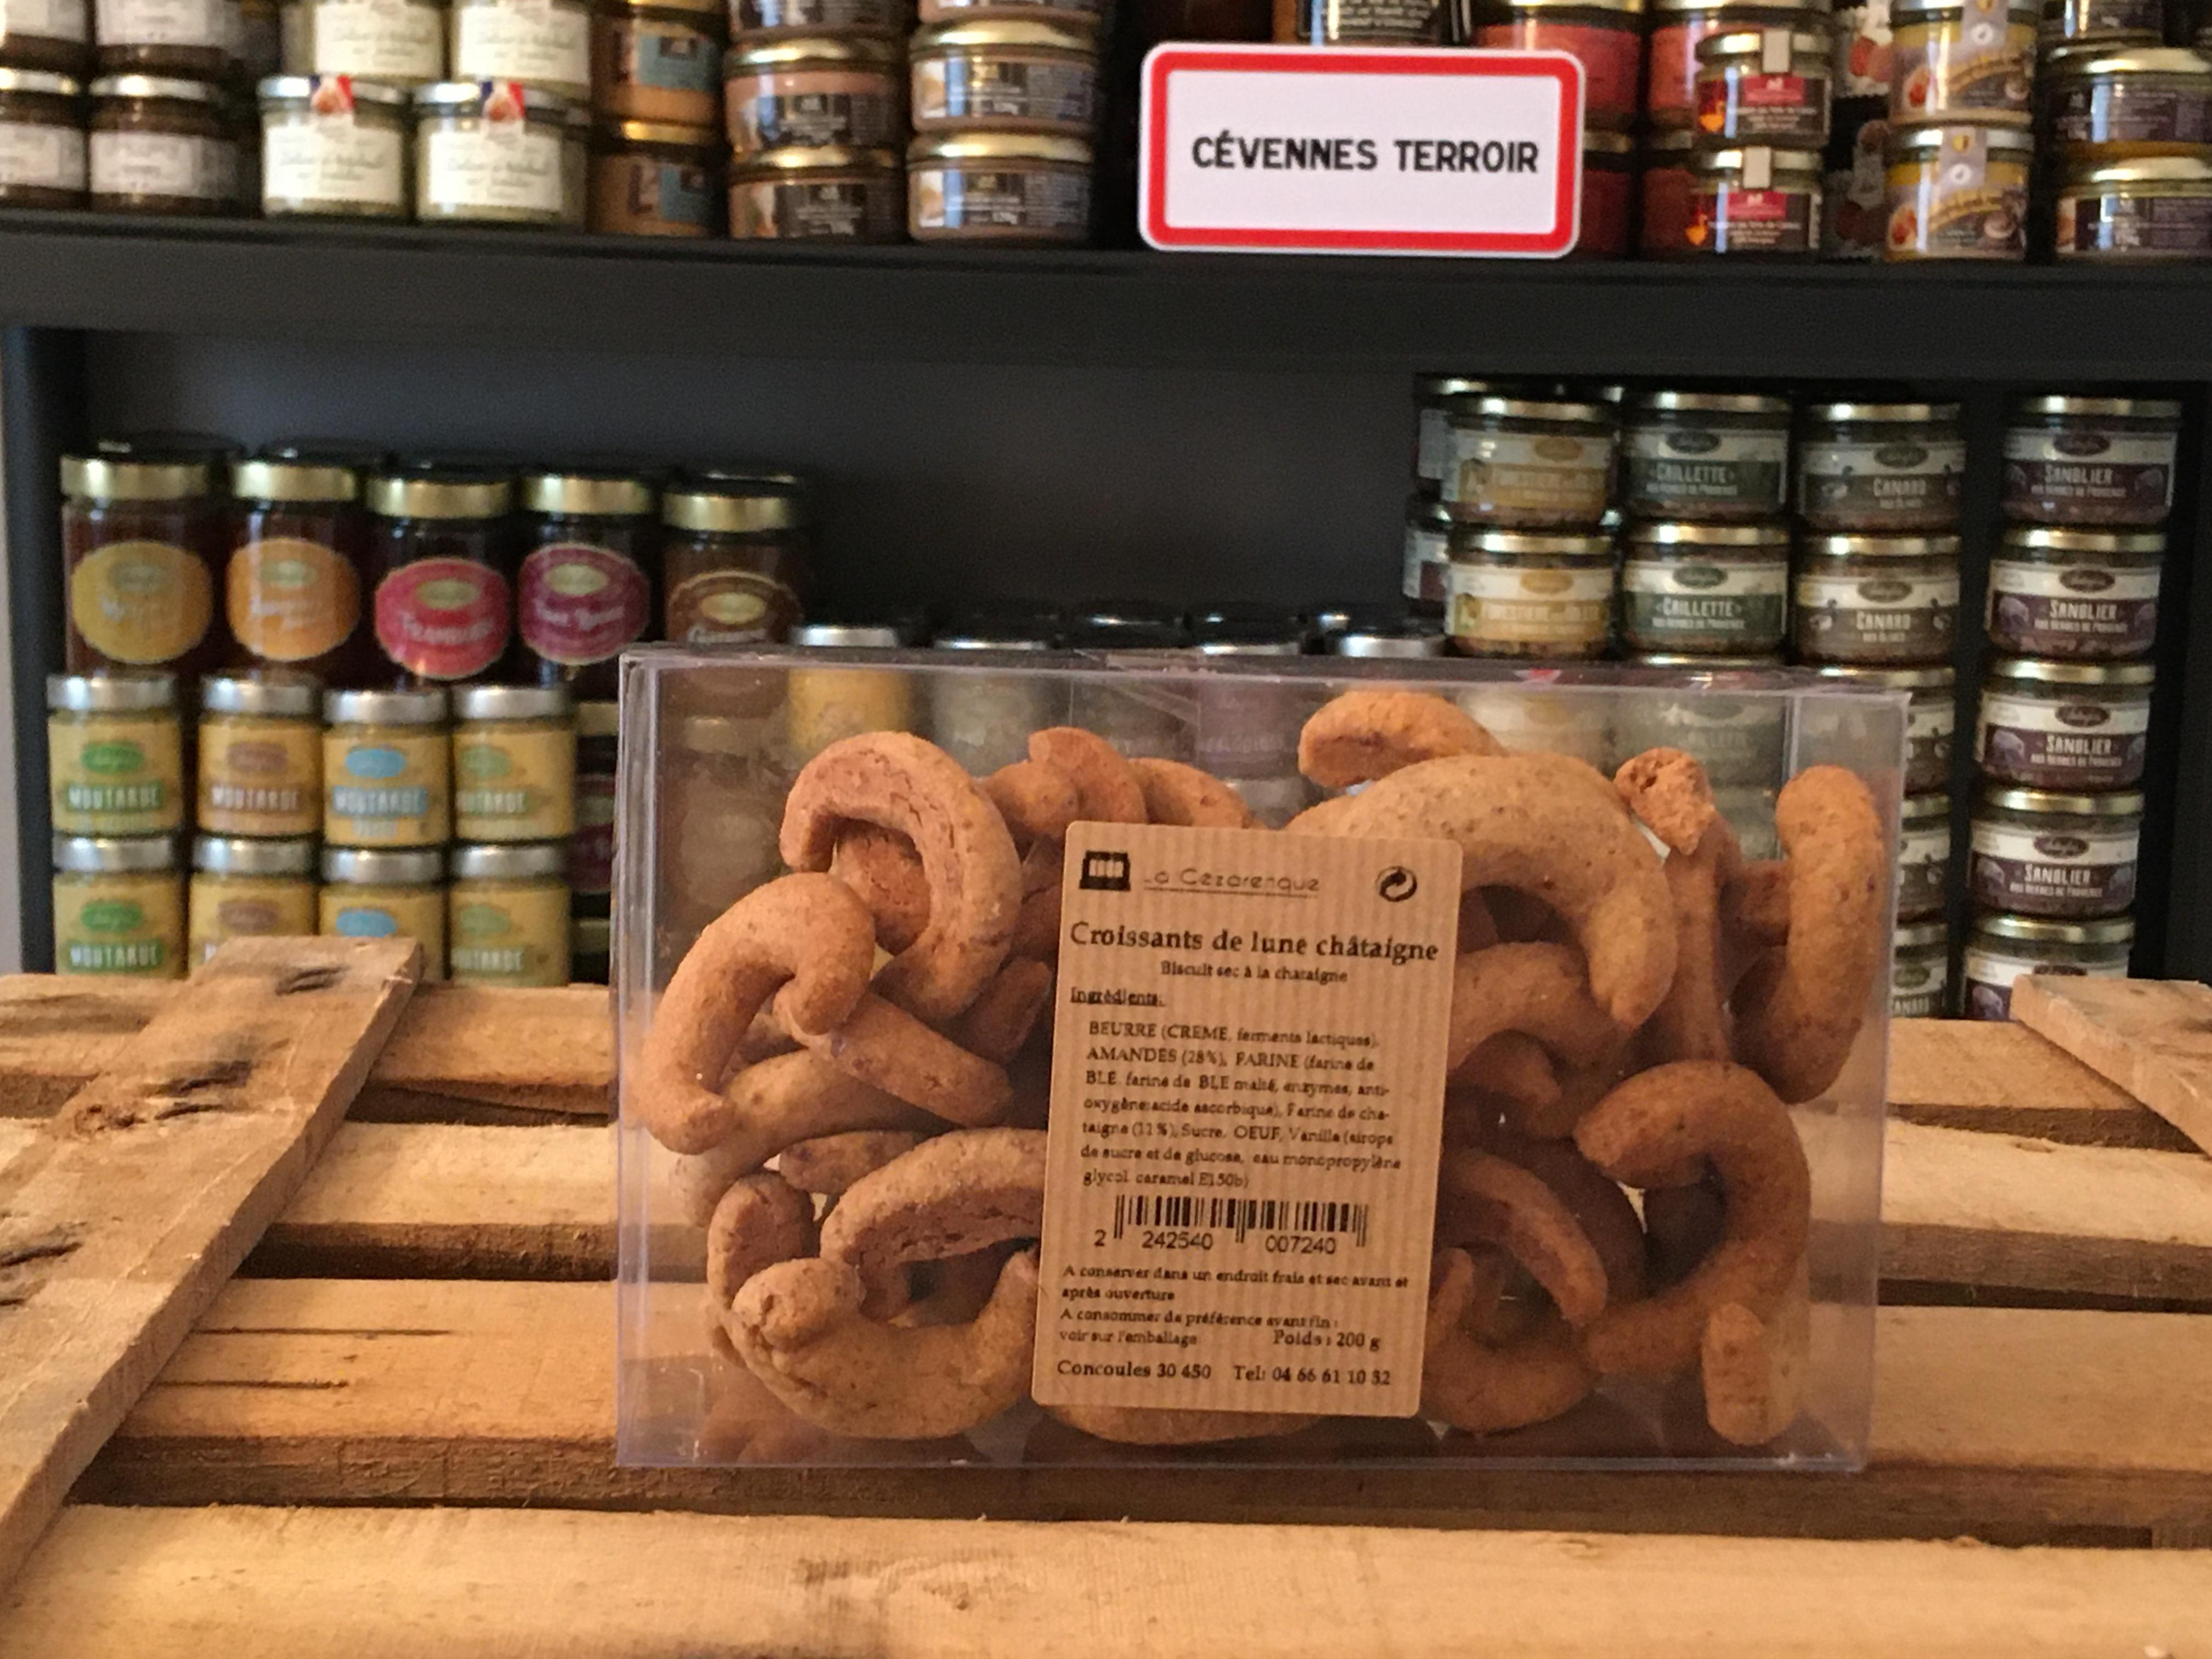 Biscuits Croissant chataignes 200g ESAT La Cézarenque en Cévennes Concoules - Copie